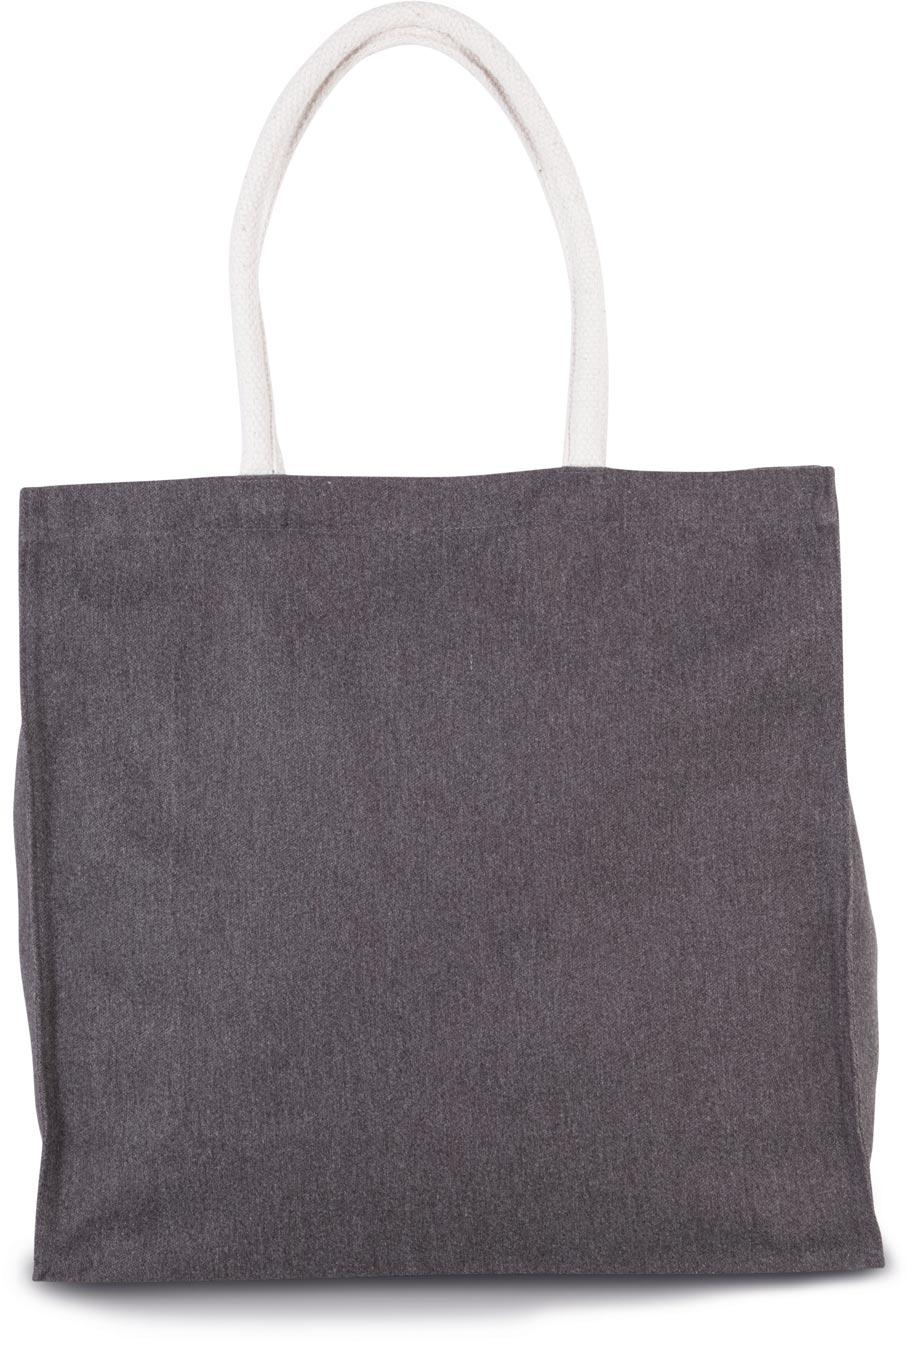 Grand sac shopping en polycoton